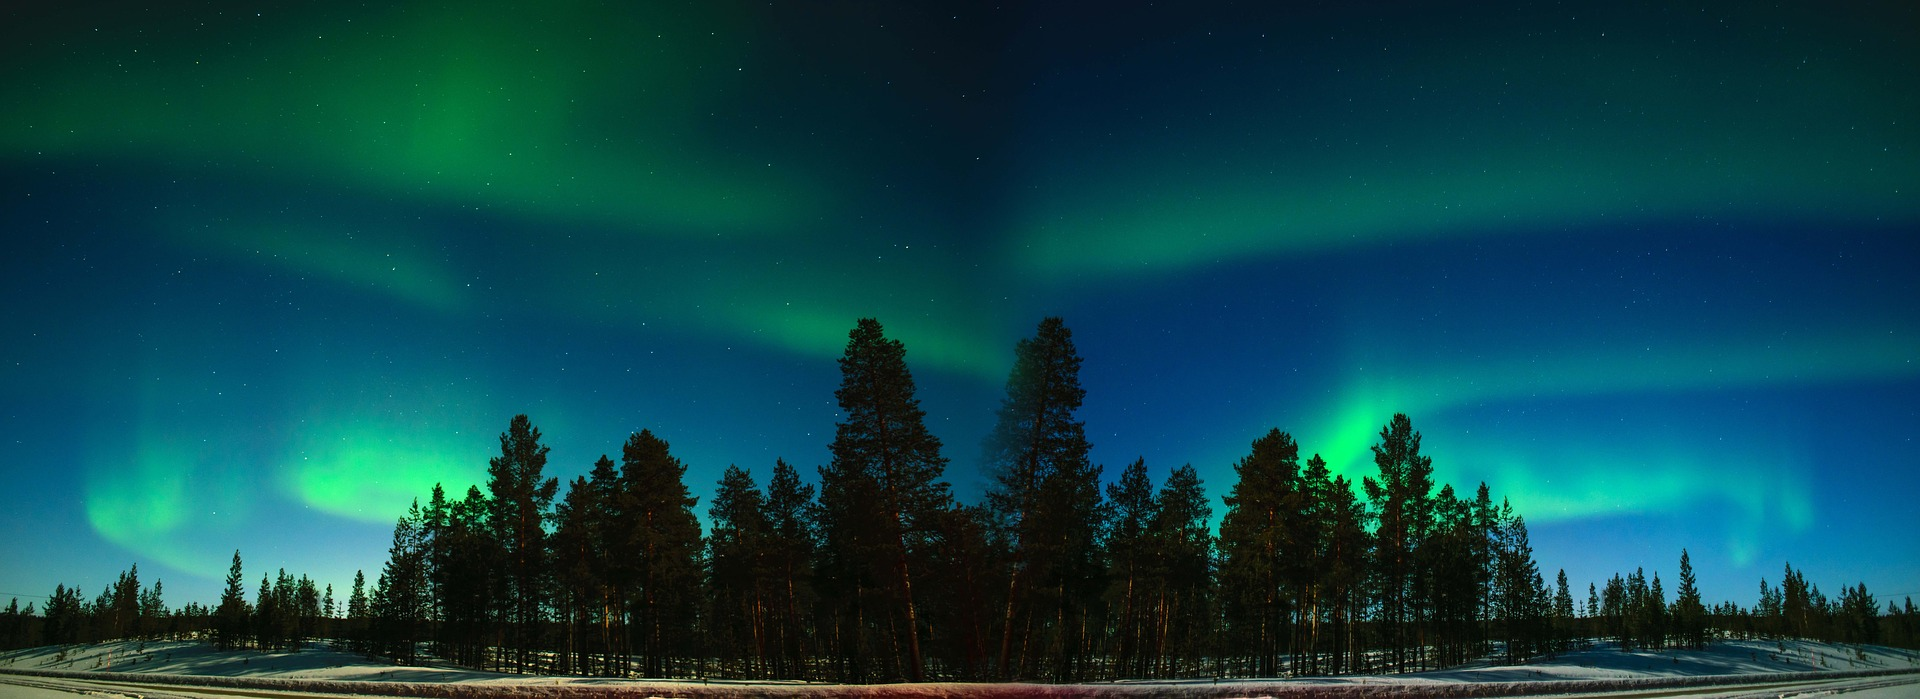 Aurora Borealis, Lapland (Finland)